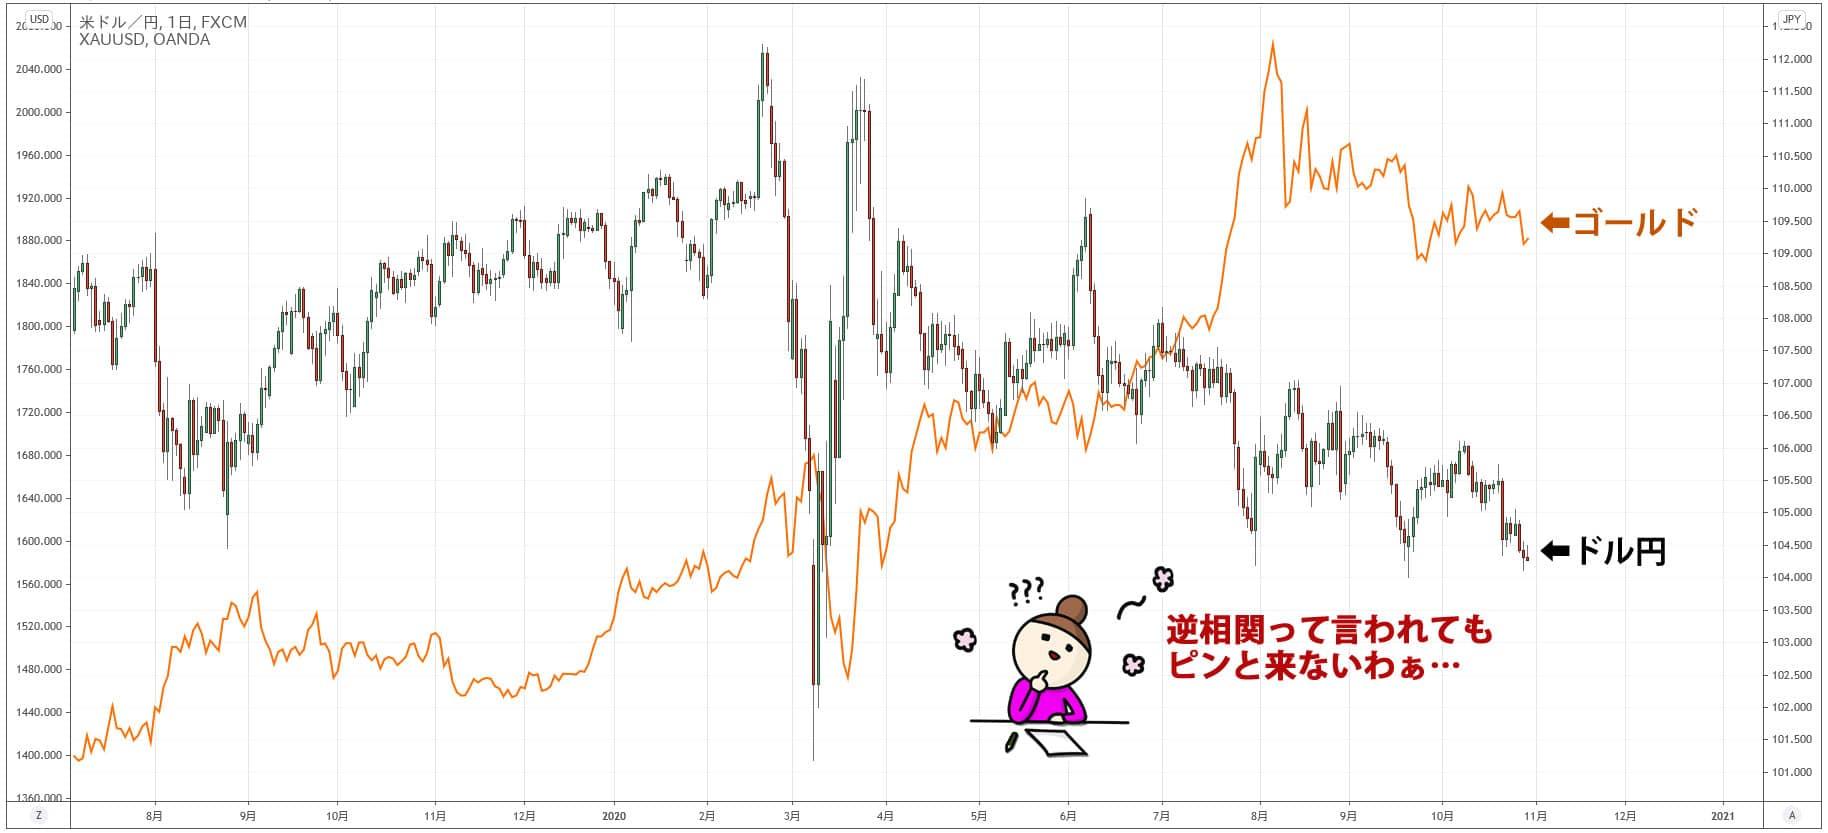 ゴールドとドル円の比較チャート